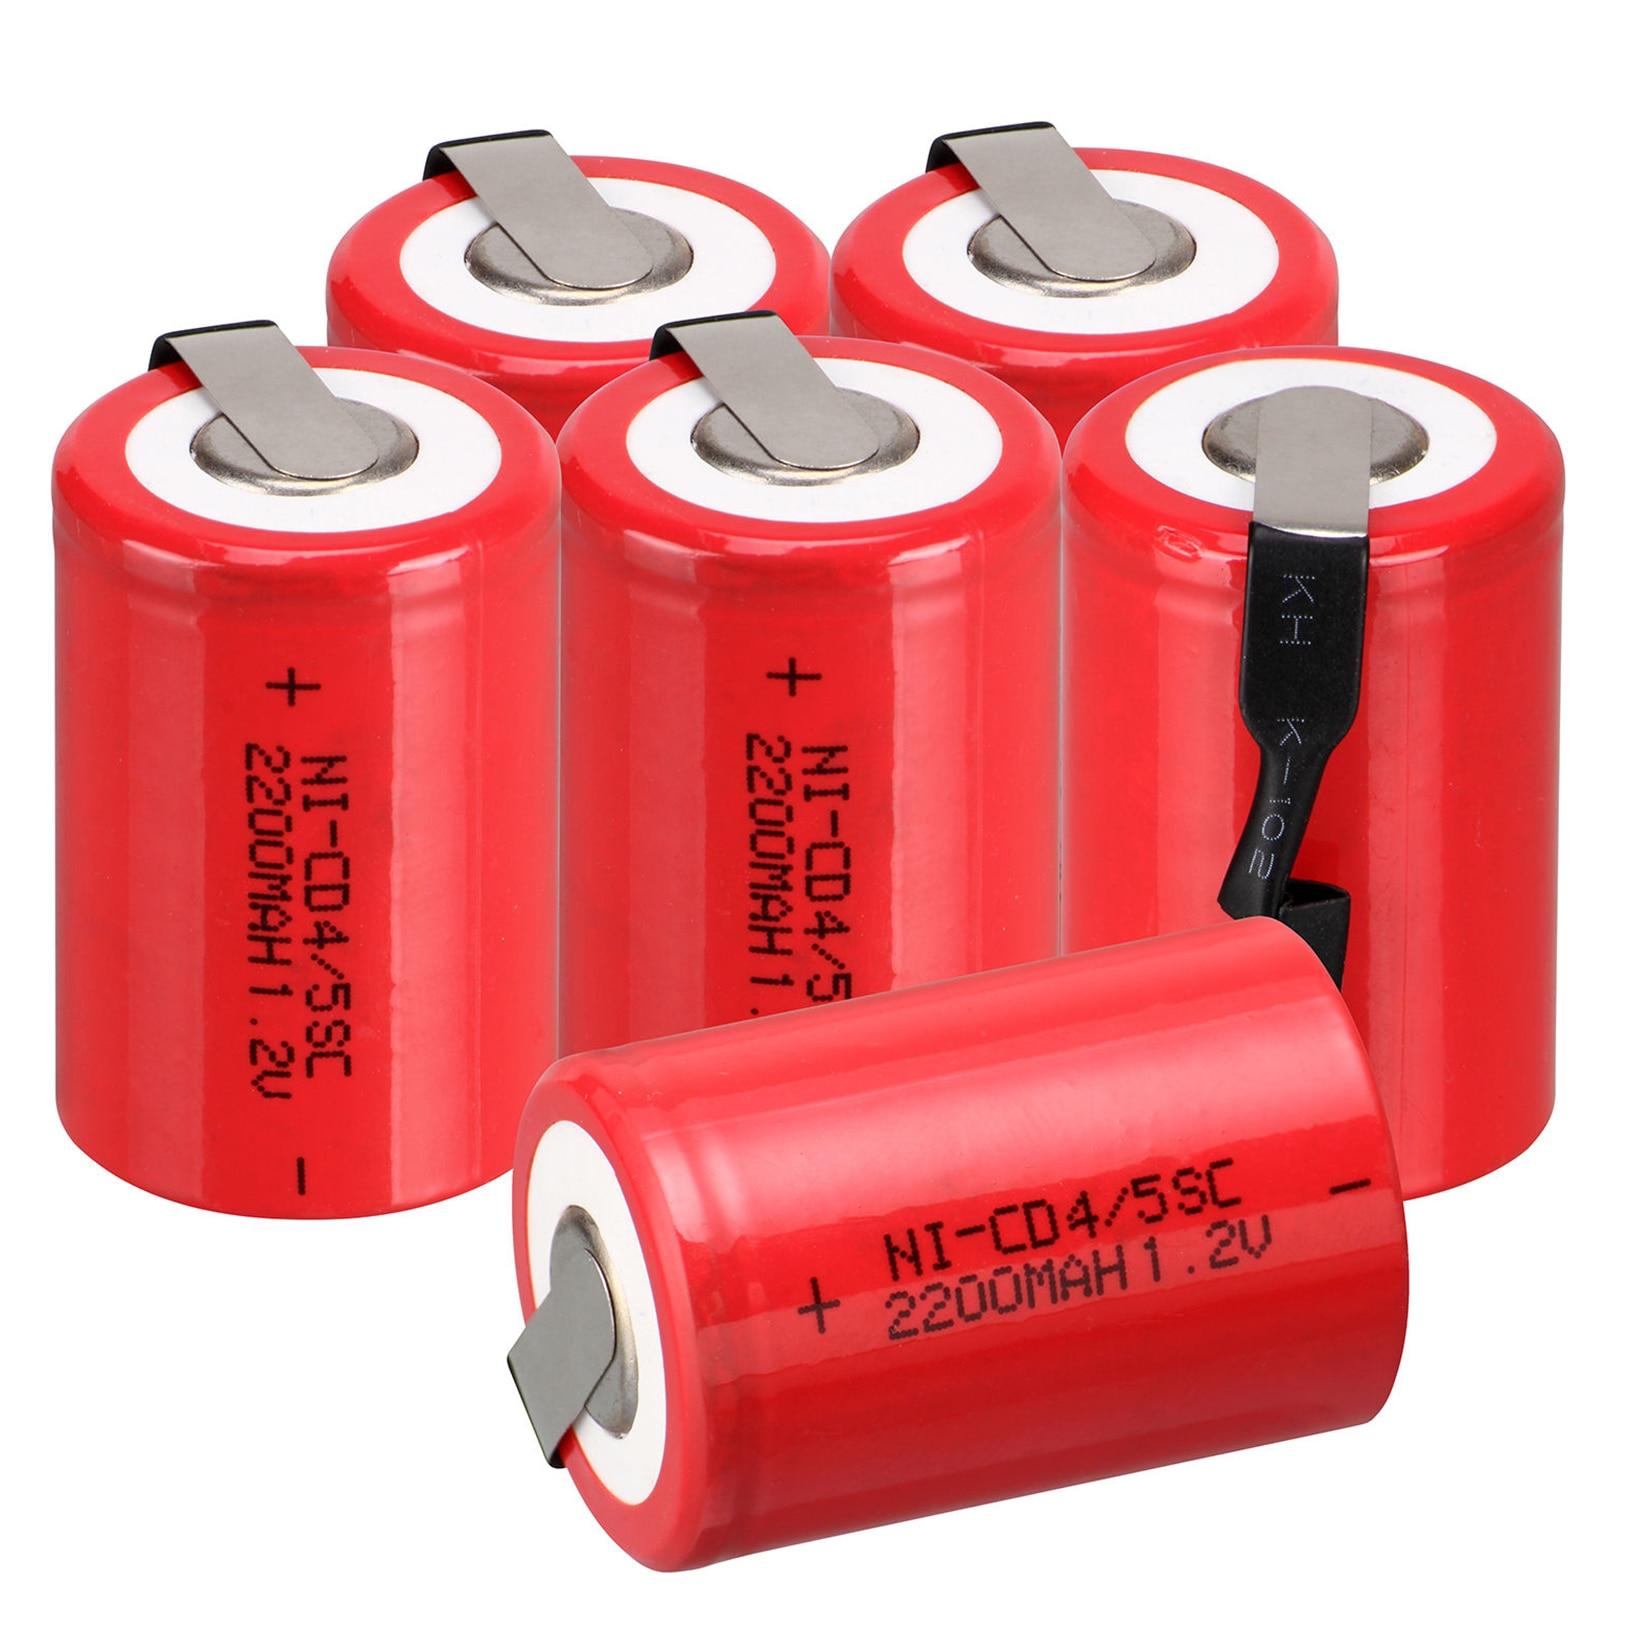 2/6/12/16 piezas NiCd 4/5 gráfico de Sub C 1,2 V 2200 mAh y Tab rojo ni-Cd batería recargable rojo